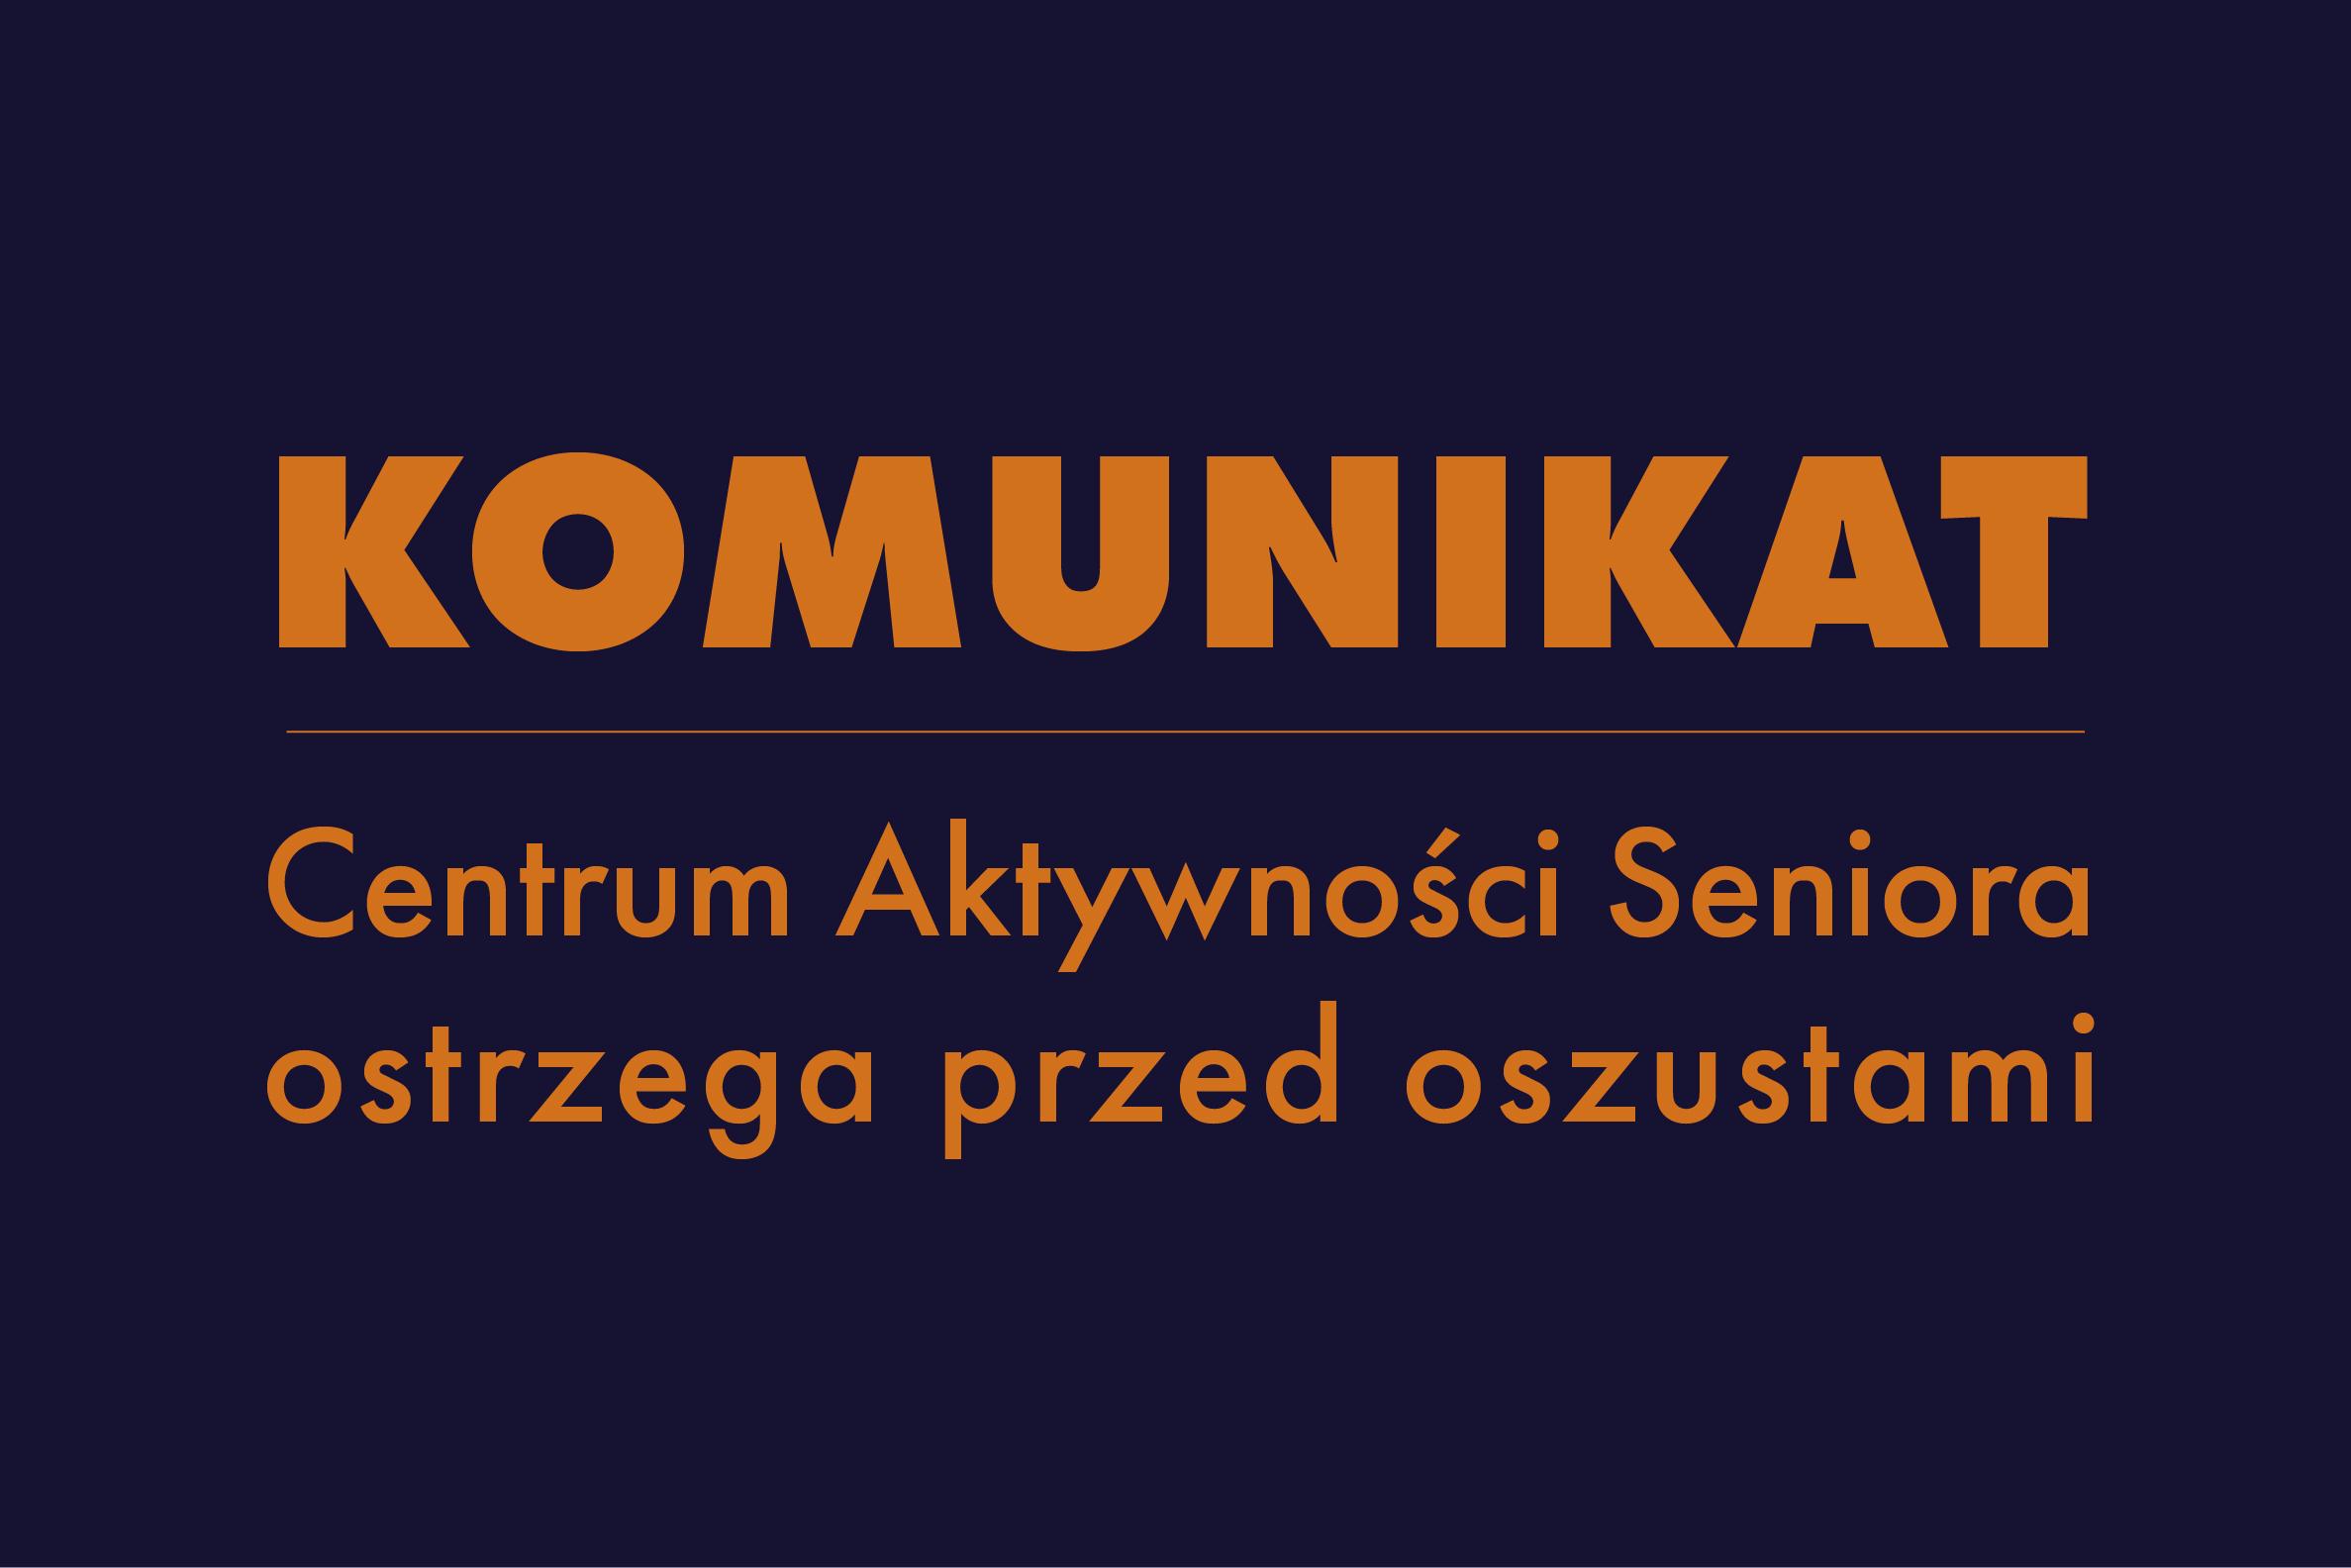 Komunikat Centrum Aktywności Seniora, ostrzegający przed oszustami // fot. Laboratorium Innowacji Społecznych Gdynia